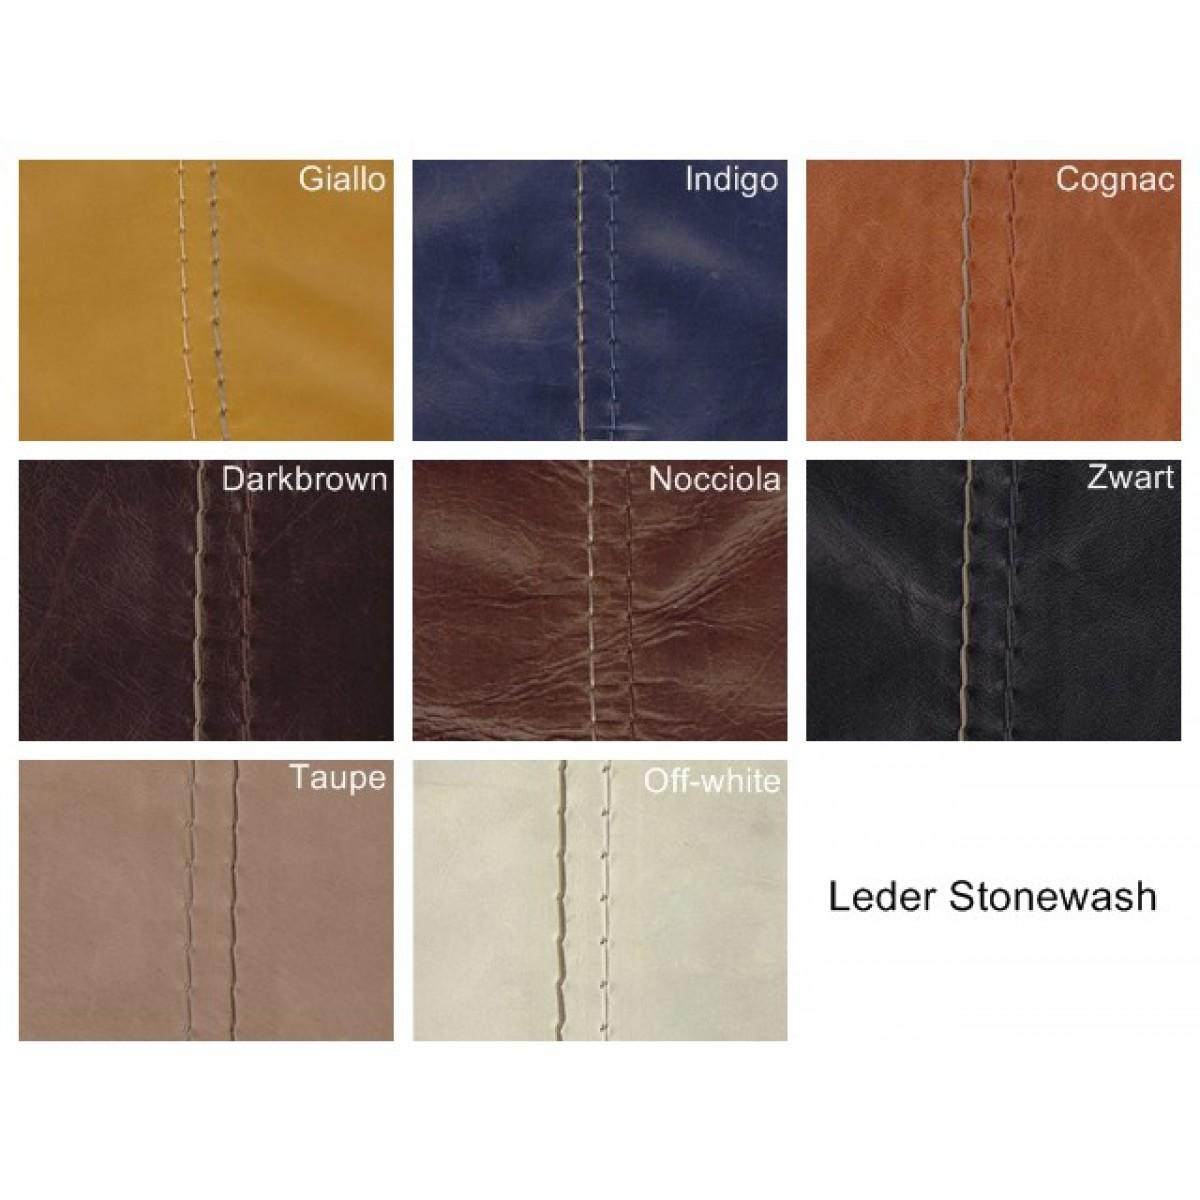 stonewash-leder-leer-stalen-het-anker-l'ancora